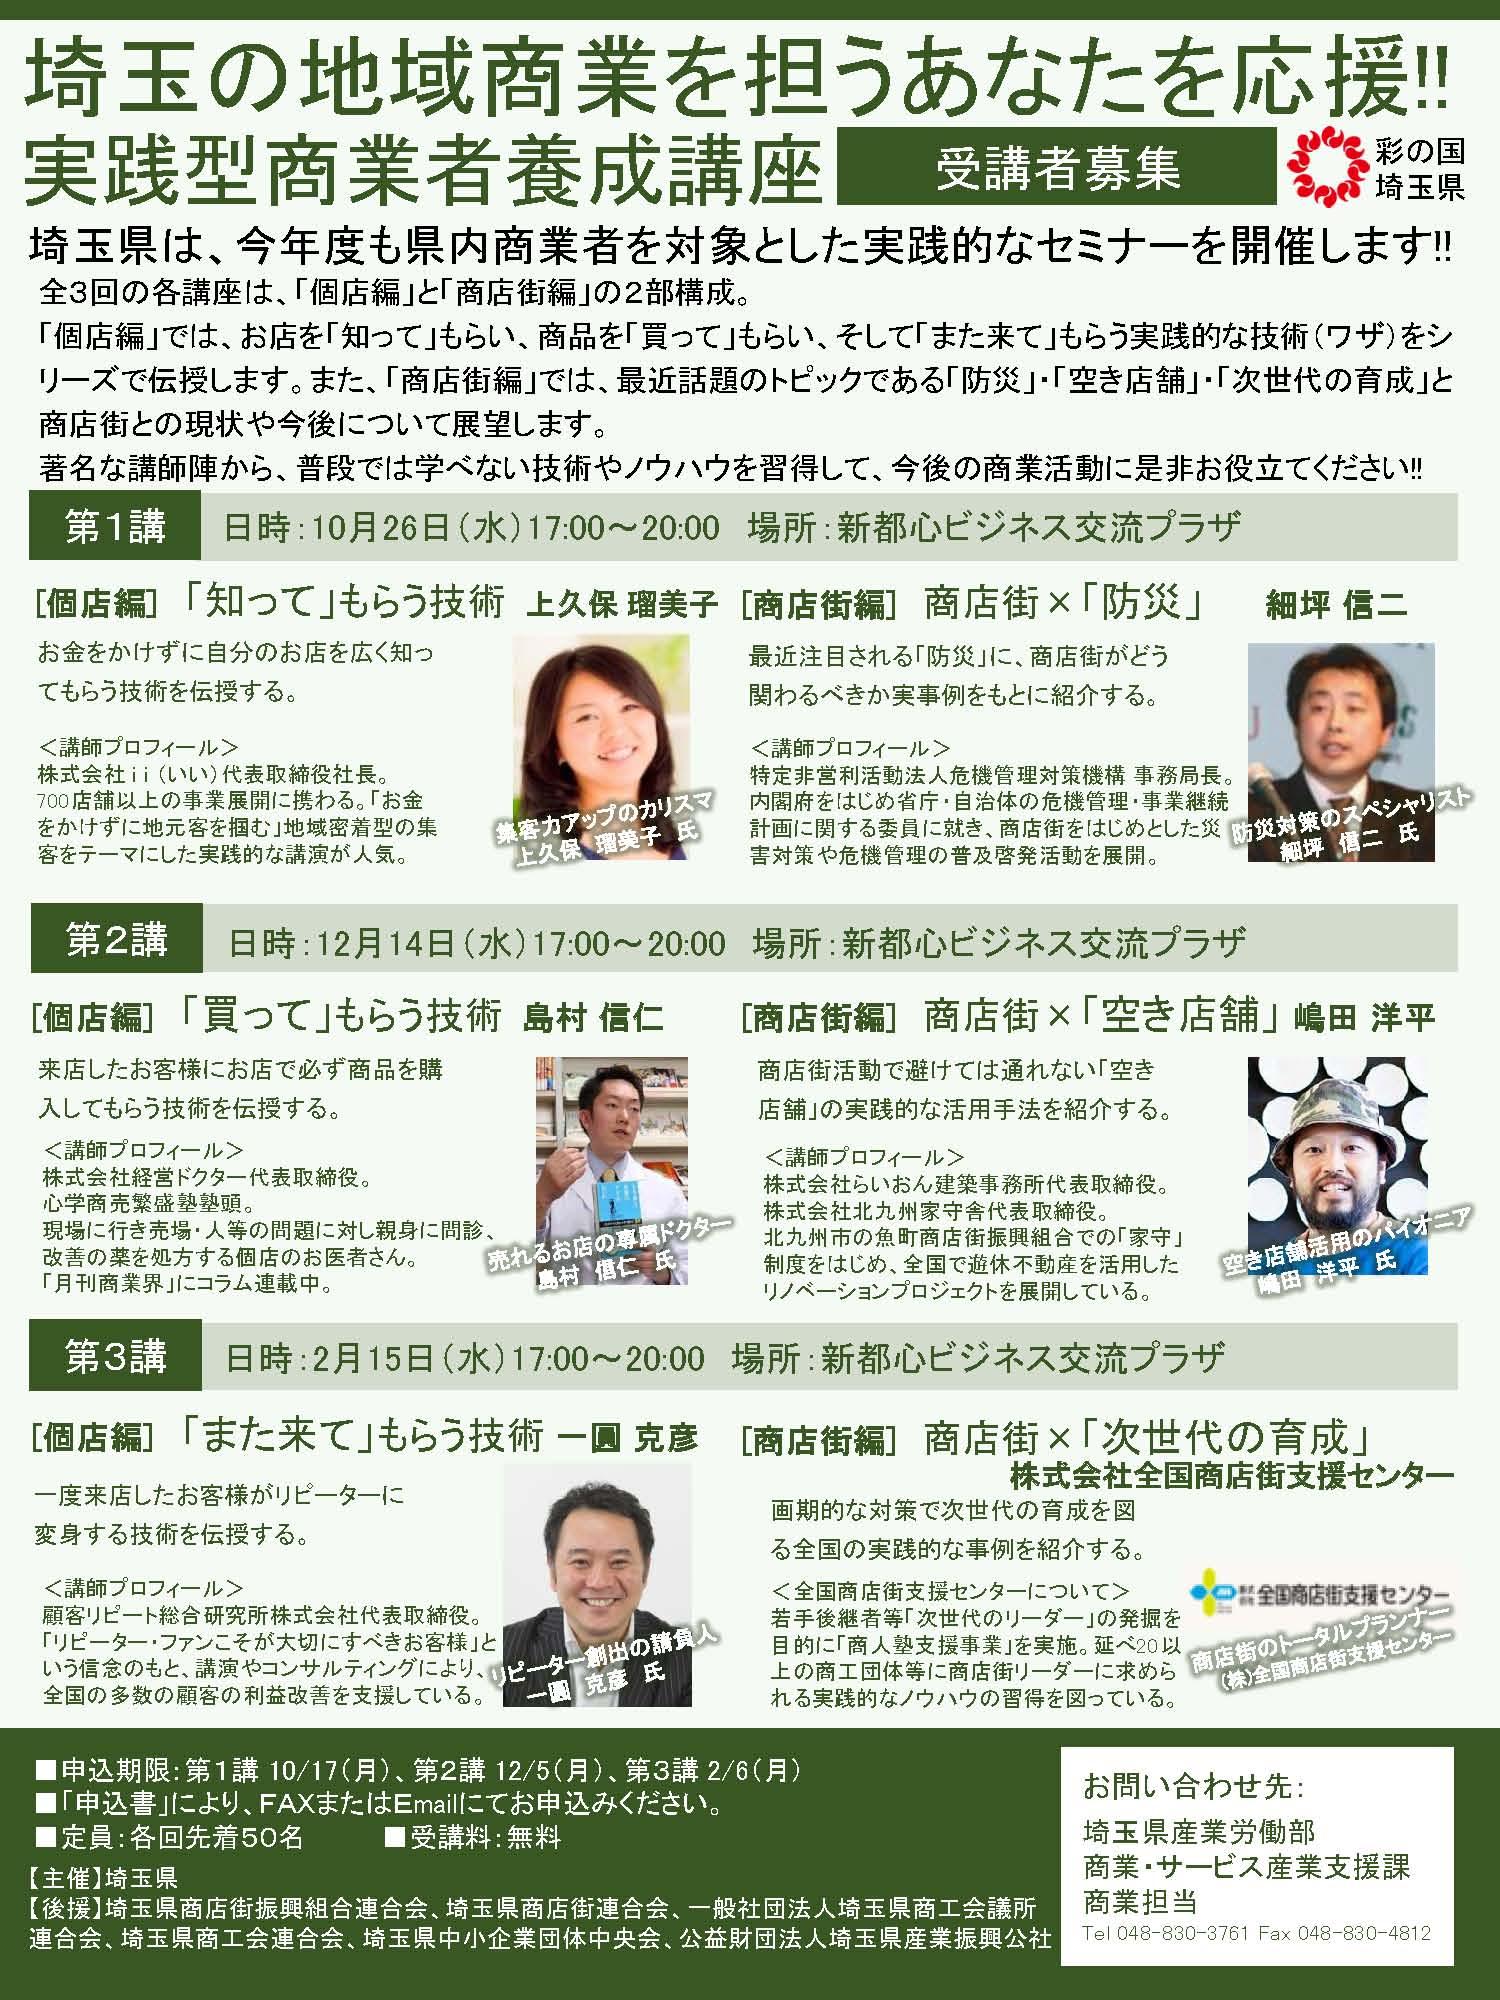 jissengatachirashi_%e3%83%9a%e3%83%bc%e3%82%b8_1